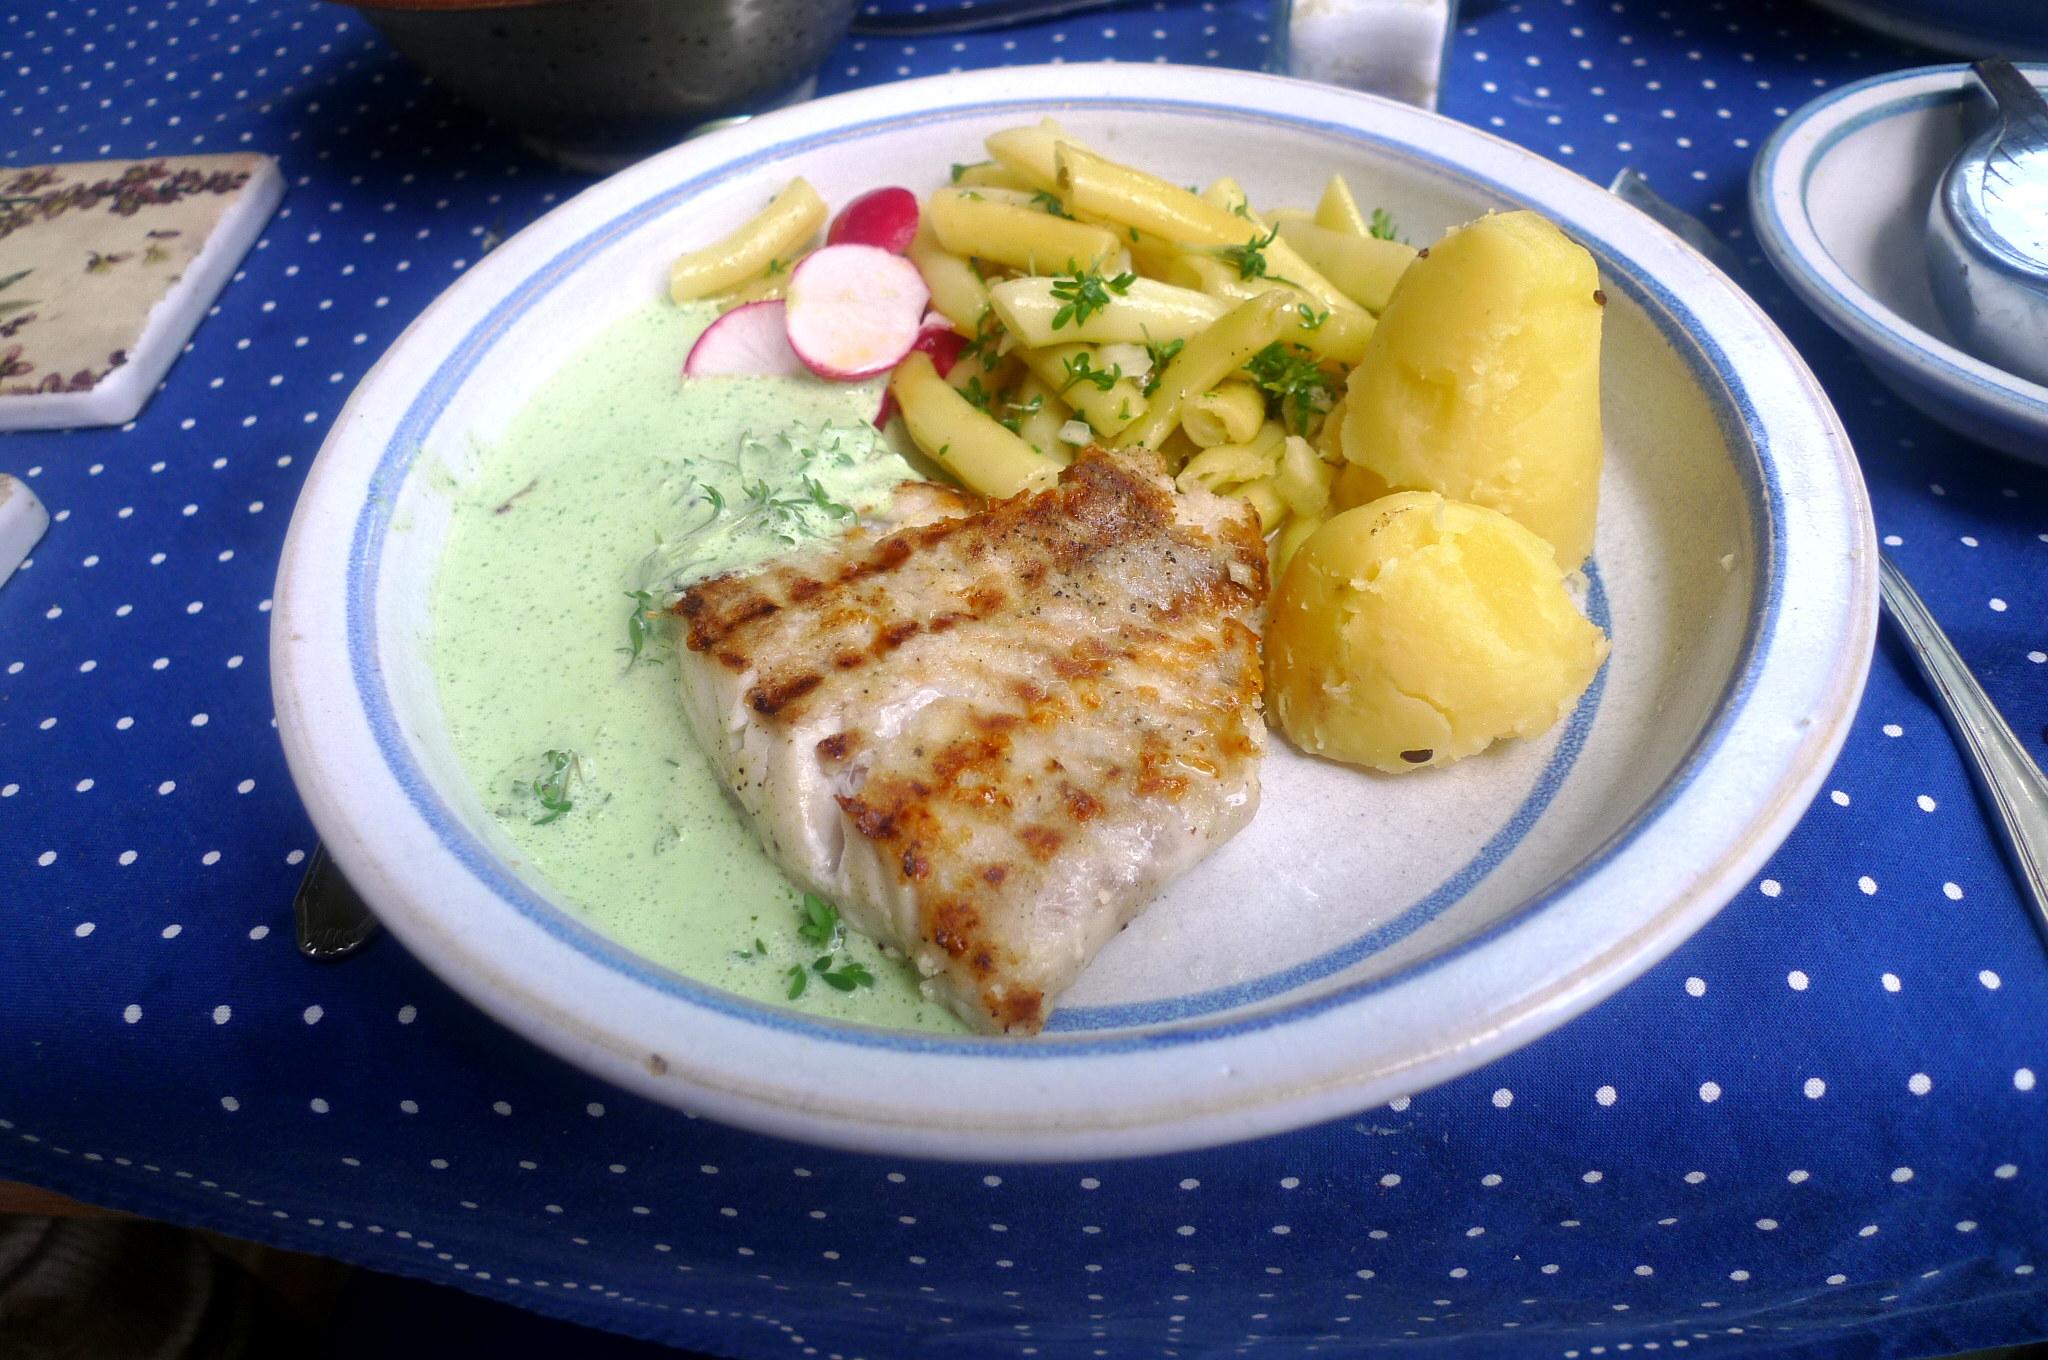 Seelachs-Bohnensalat-Joghurtdip-6.9.14   (3)